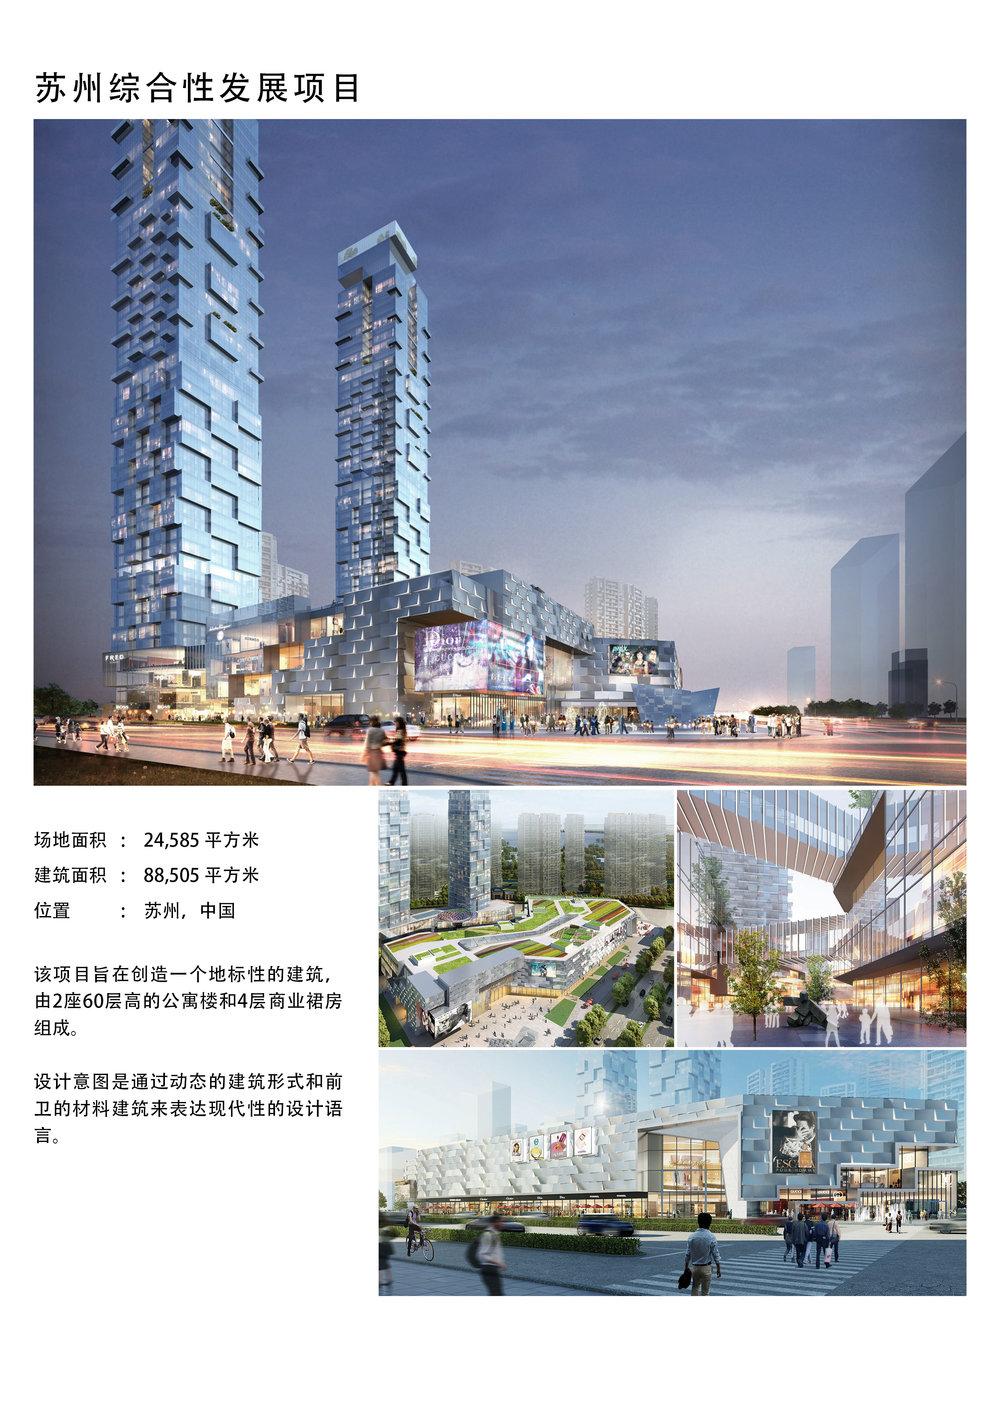 07_Suzhou_cn.jpg